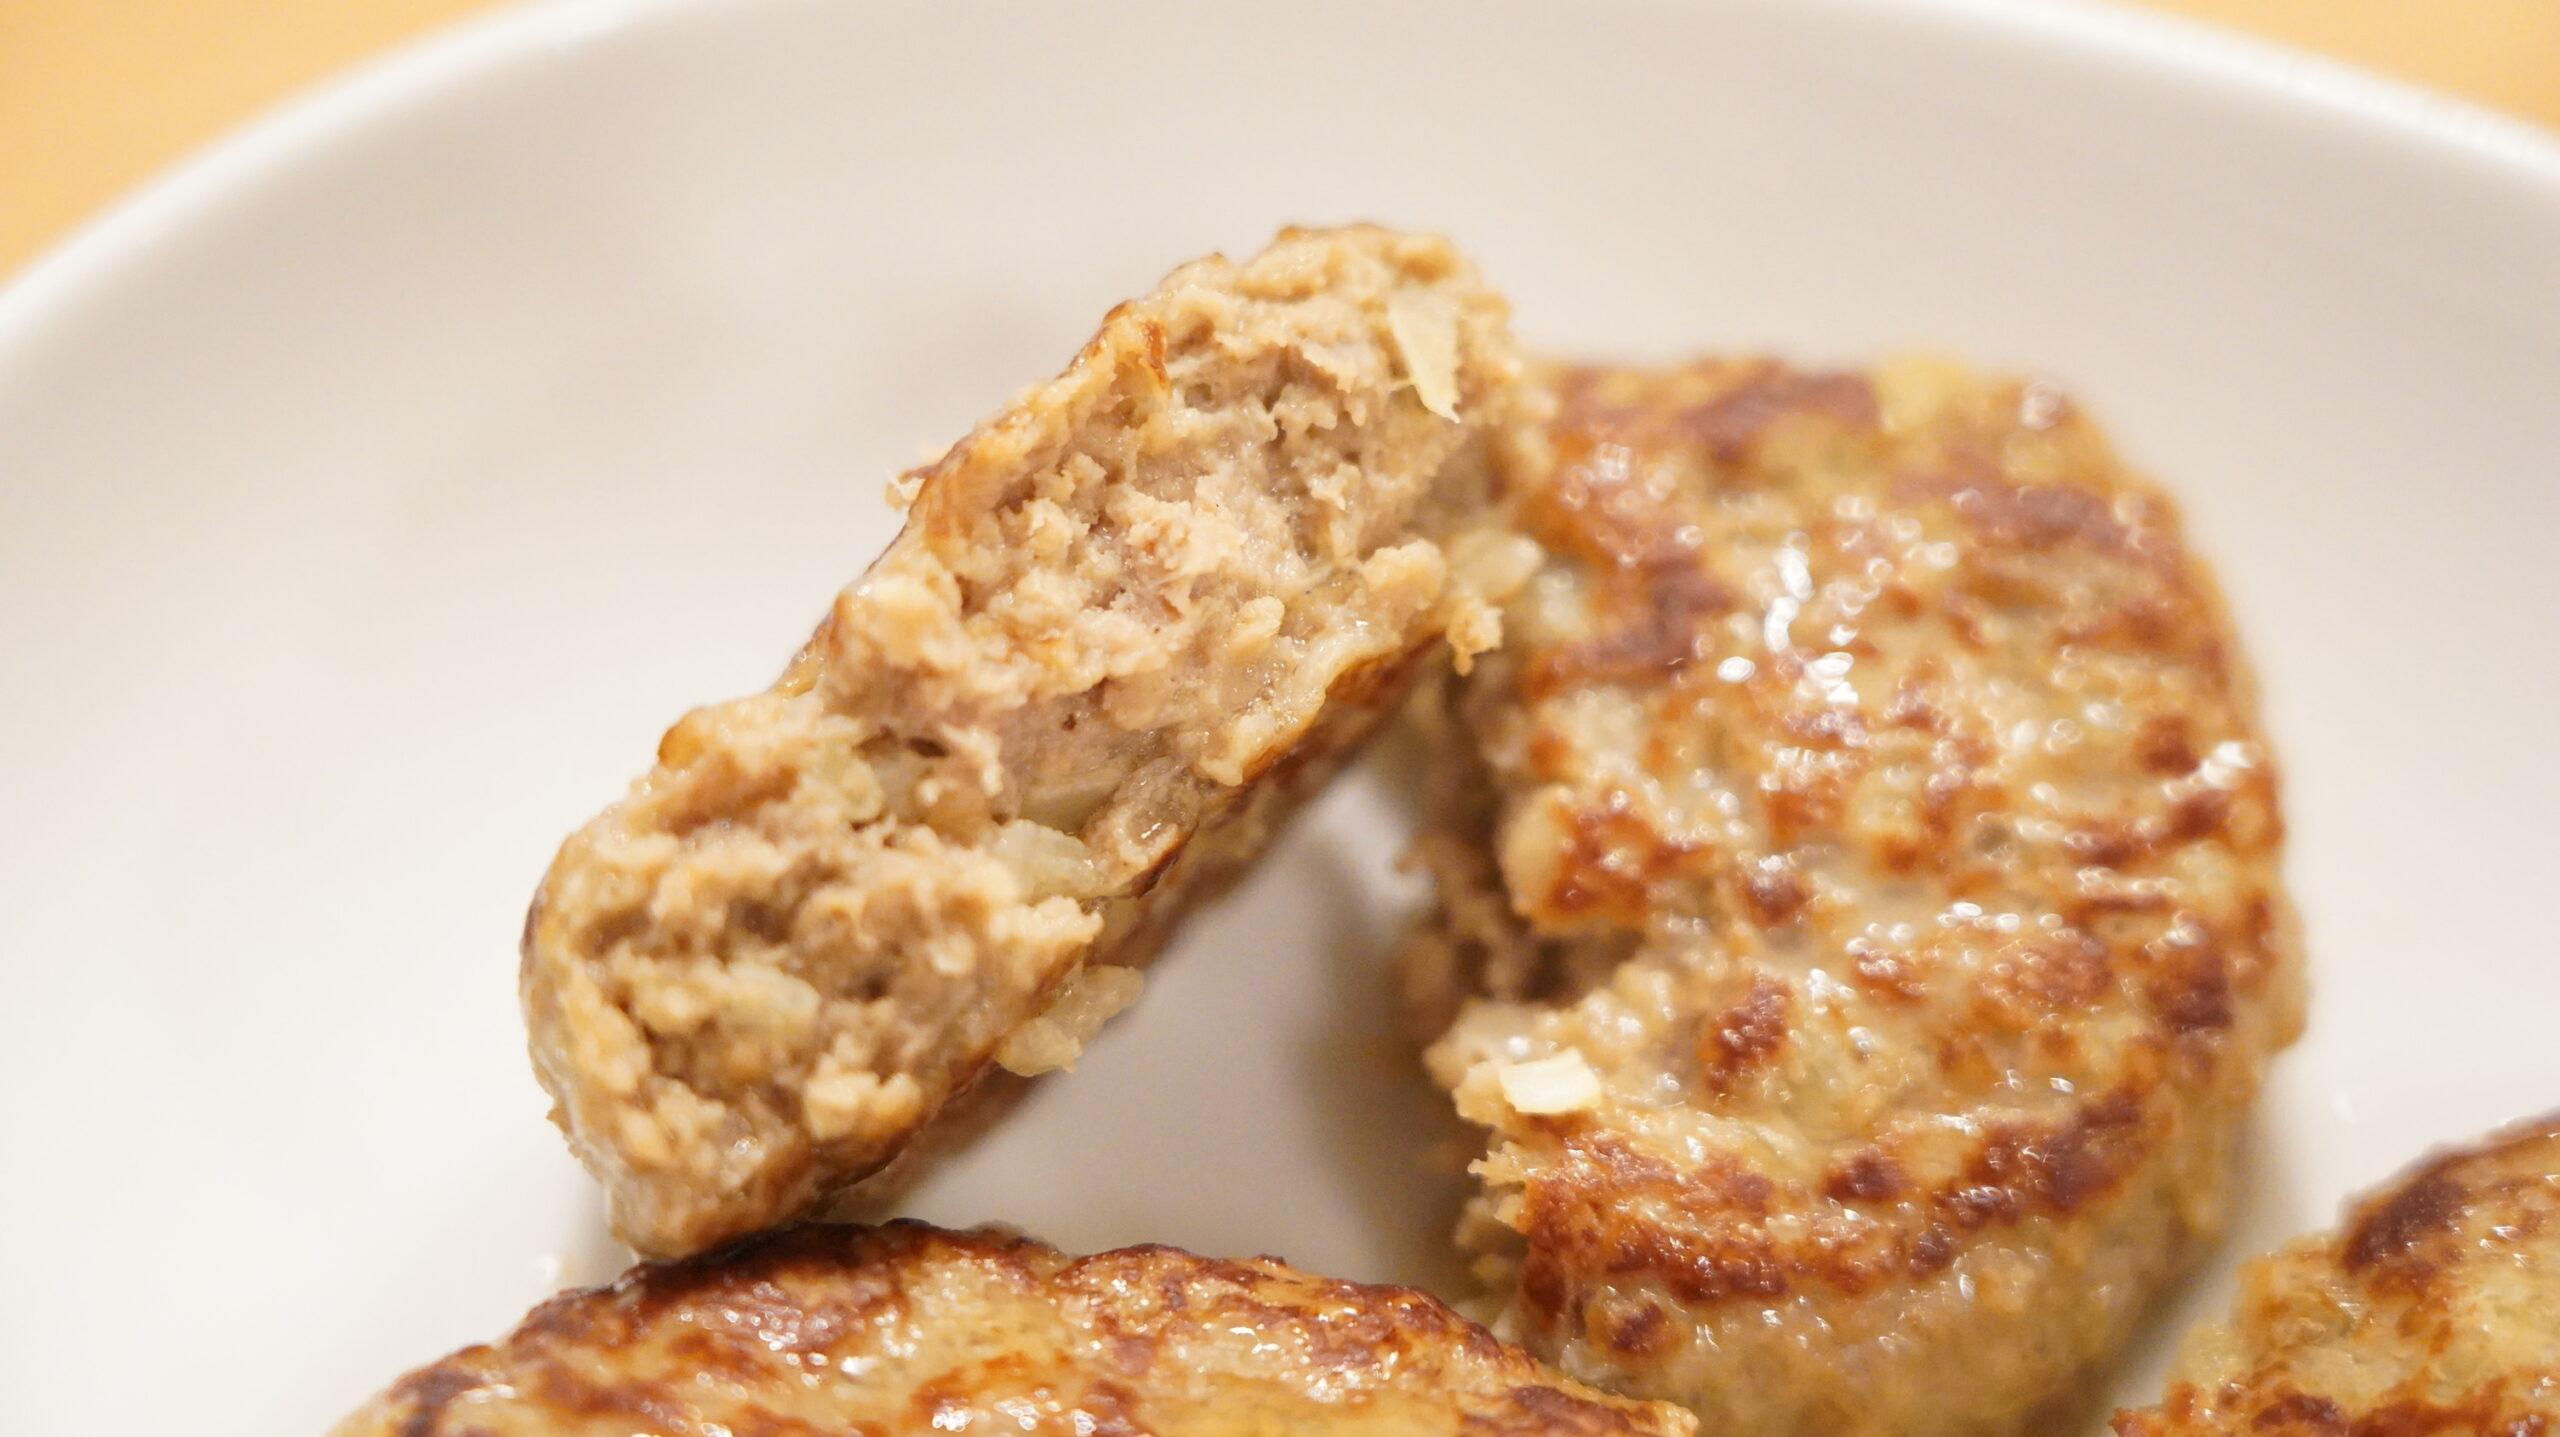 生協宅配の冷凍食品「肉汁じゅわっとハンバーグ」の断面の写真